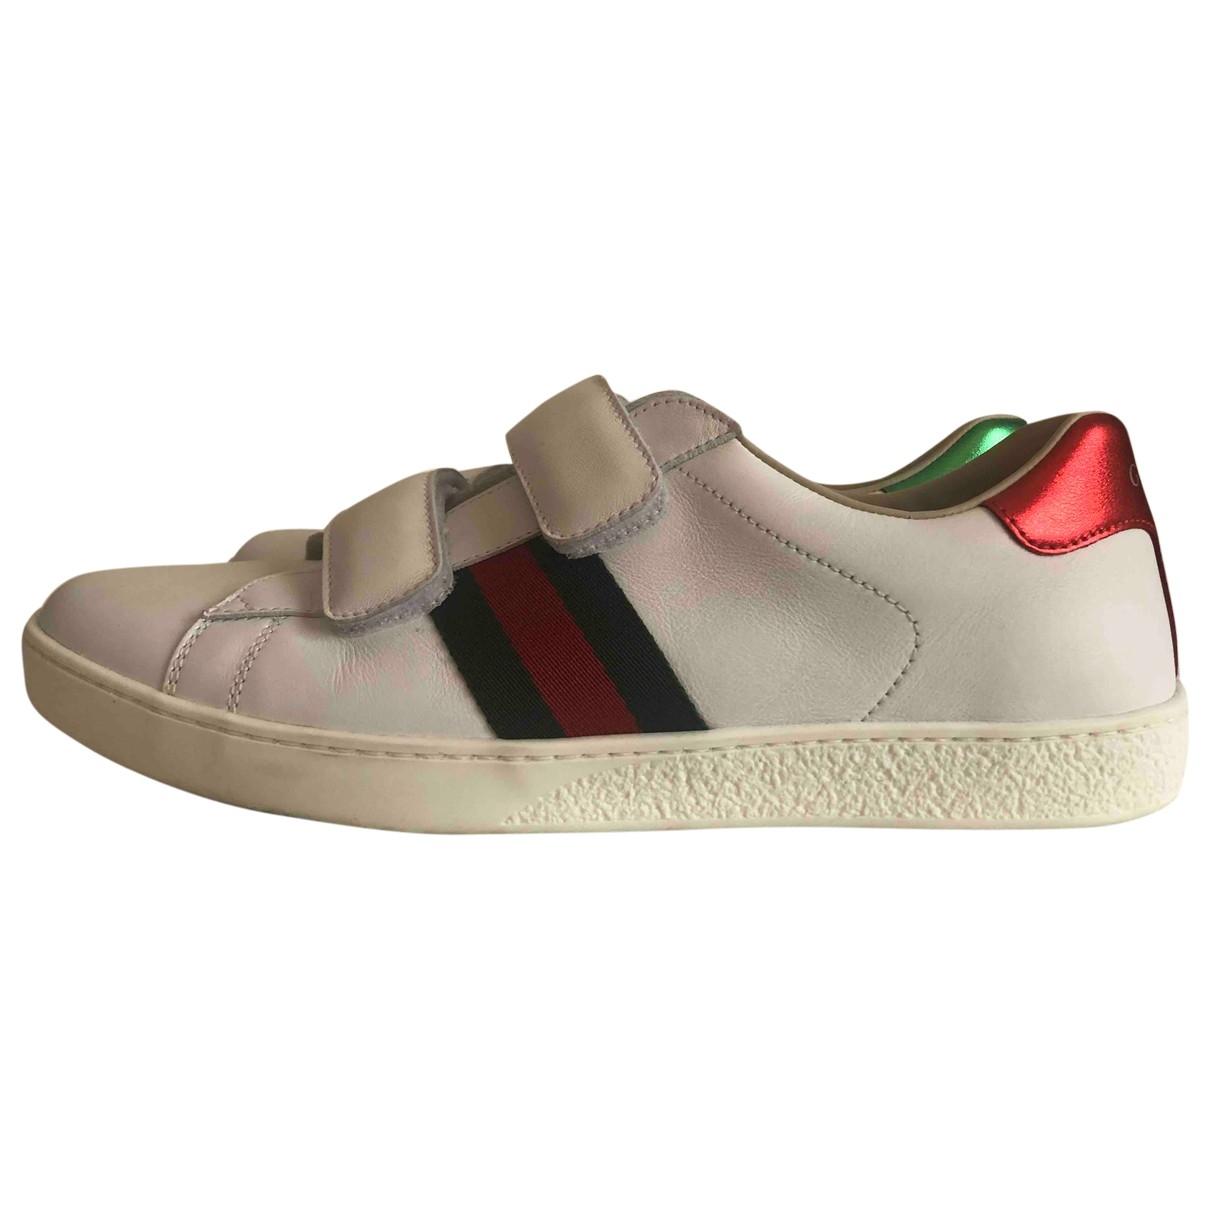 Gucci - Baskets   pour enfant en cuir - blanc